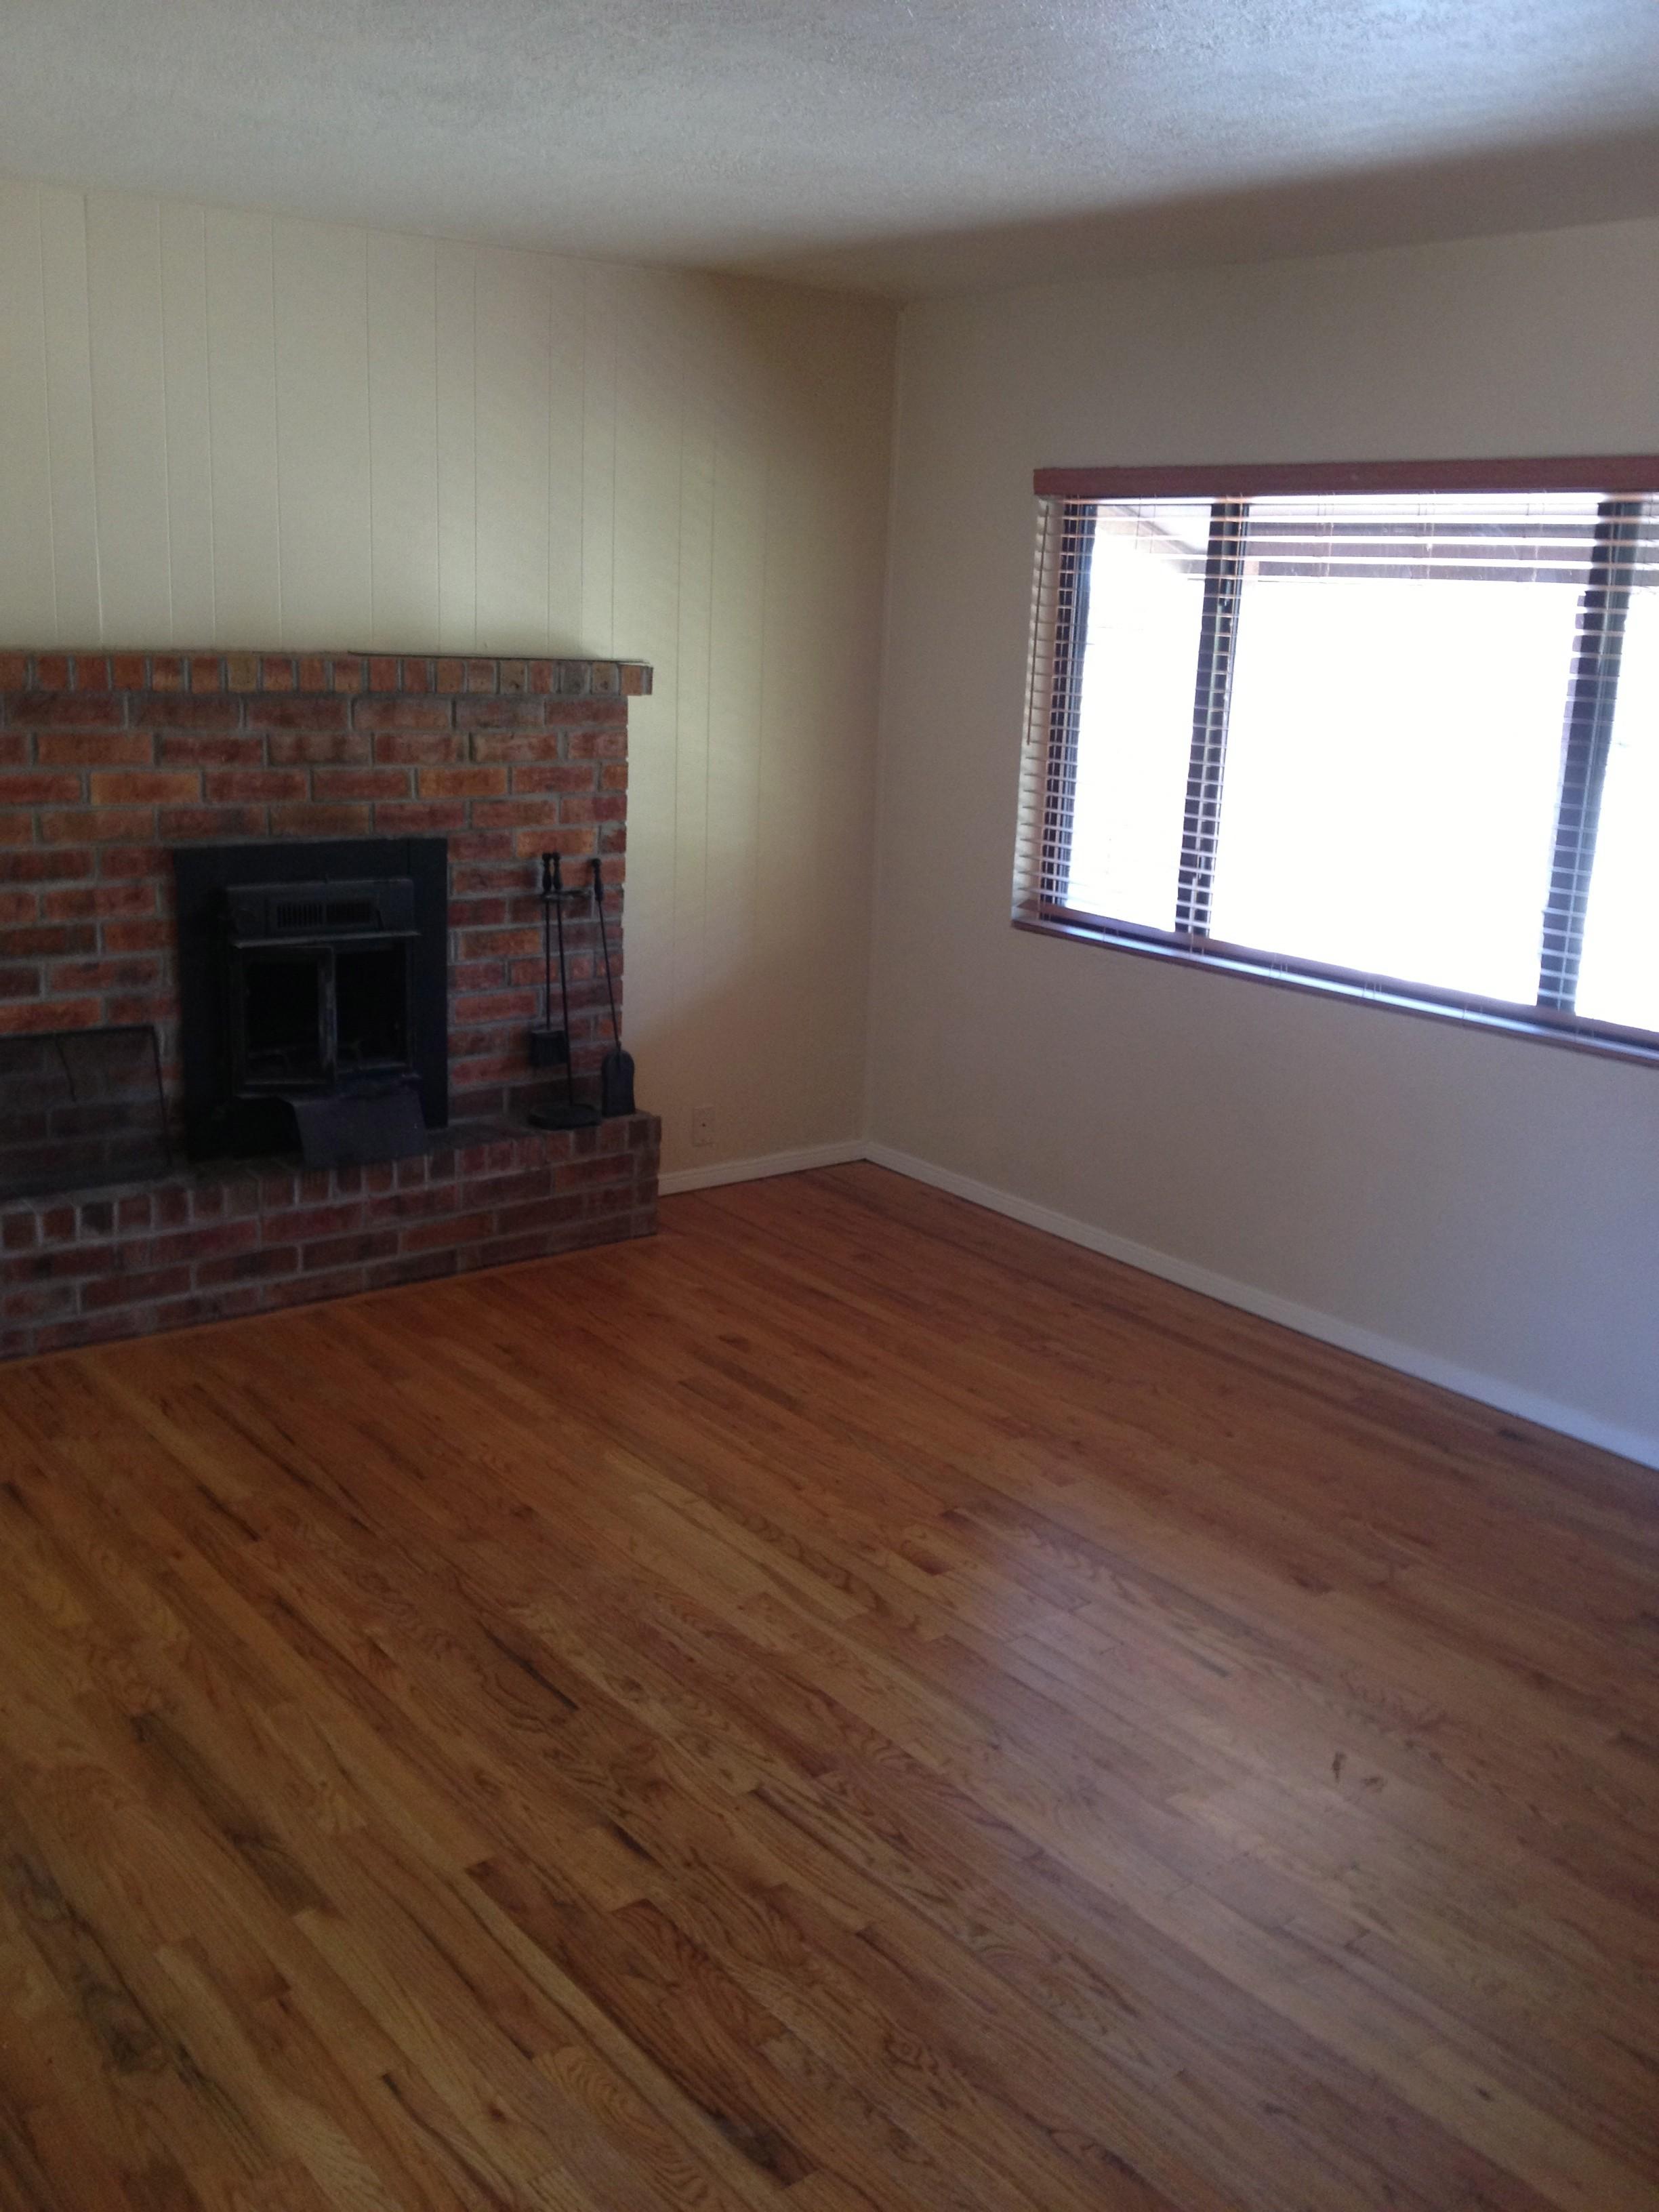 9708 Rio Grande Blvd Nw Albuquerque Nm 87114 3 Bedroom Apartment For Rent Padmapper